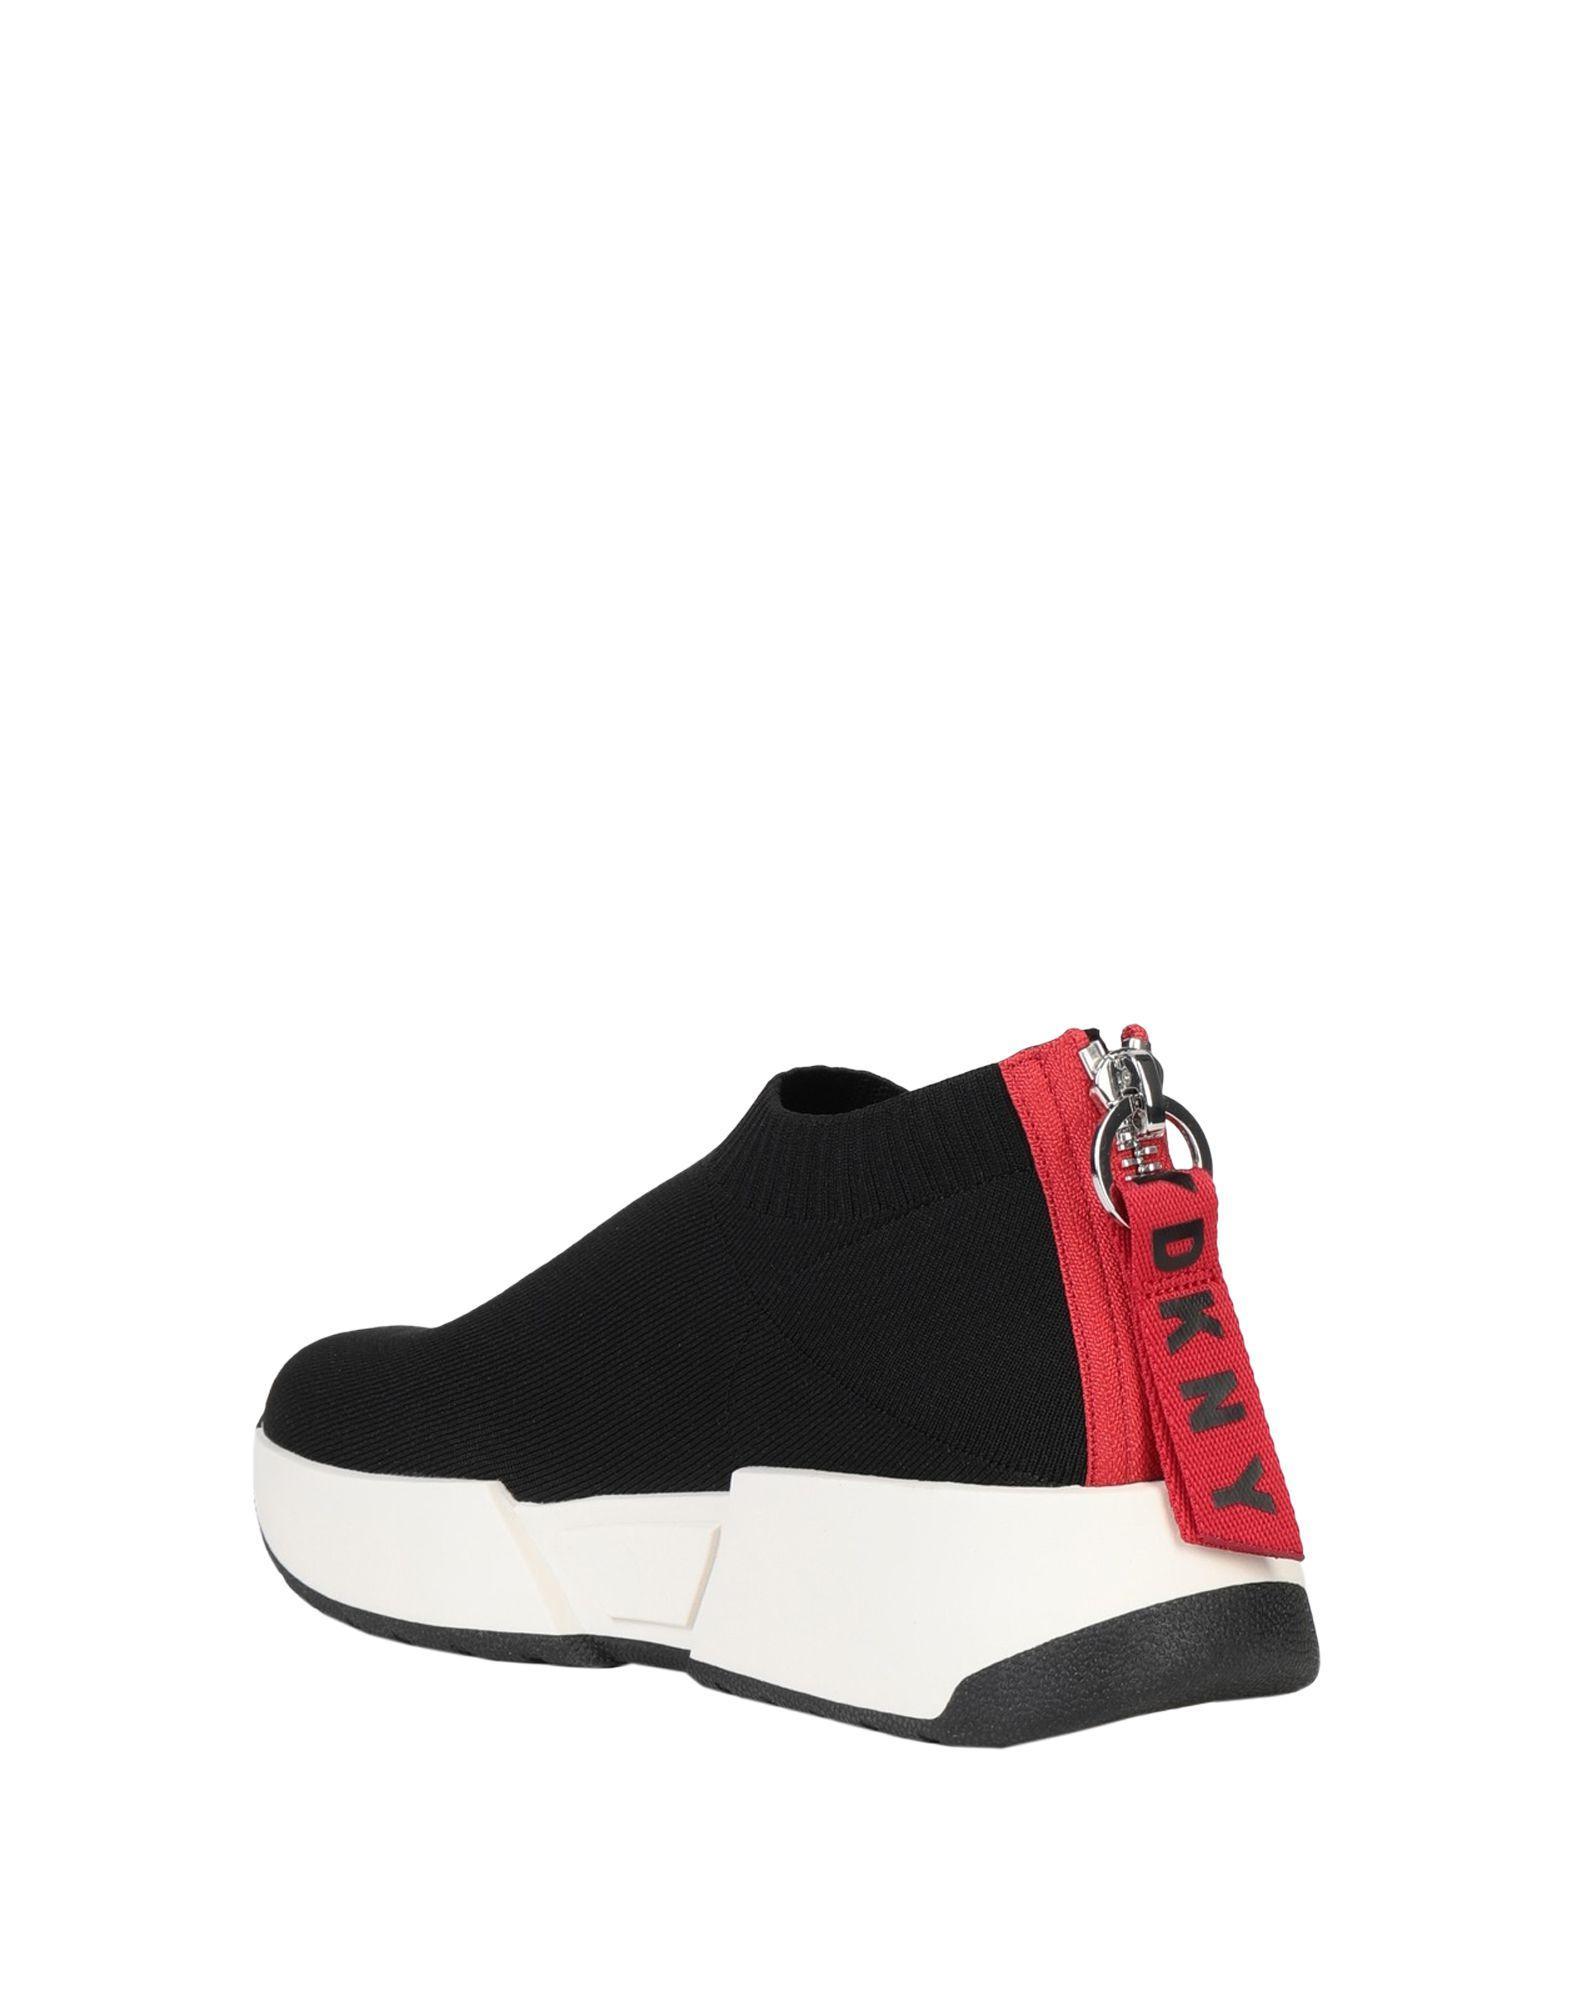 Sneakers & Deportivas DKNY de color Negro